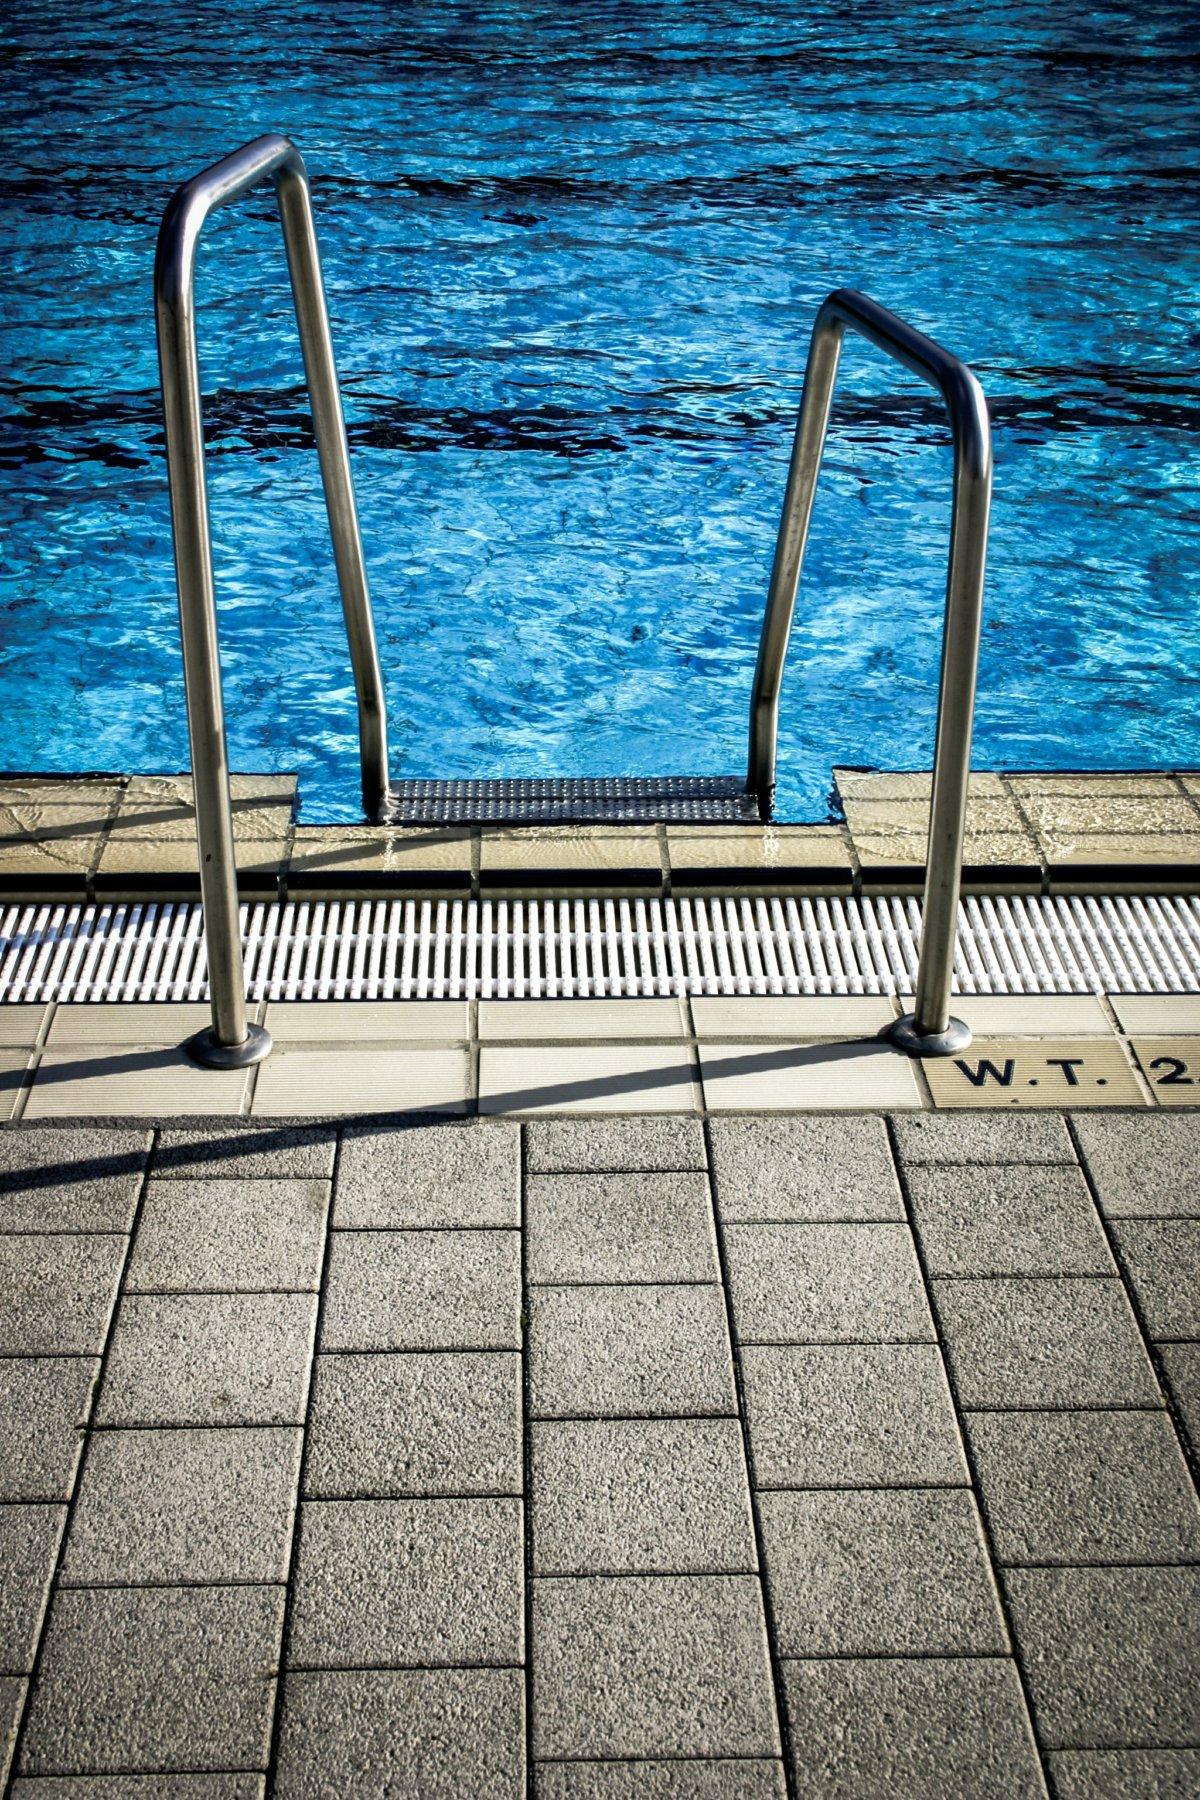 water-pattern-tiles-swimming-pool-97047-1200x1800.jpg